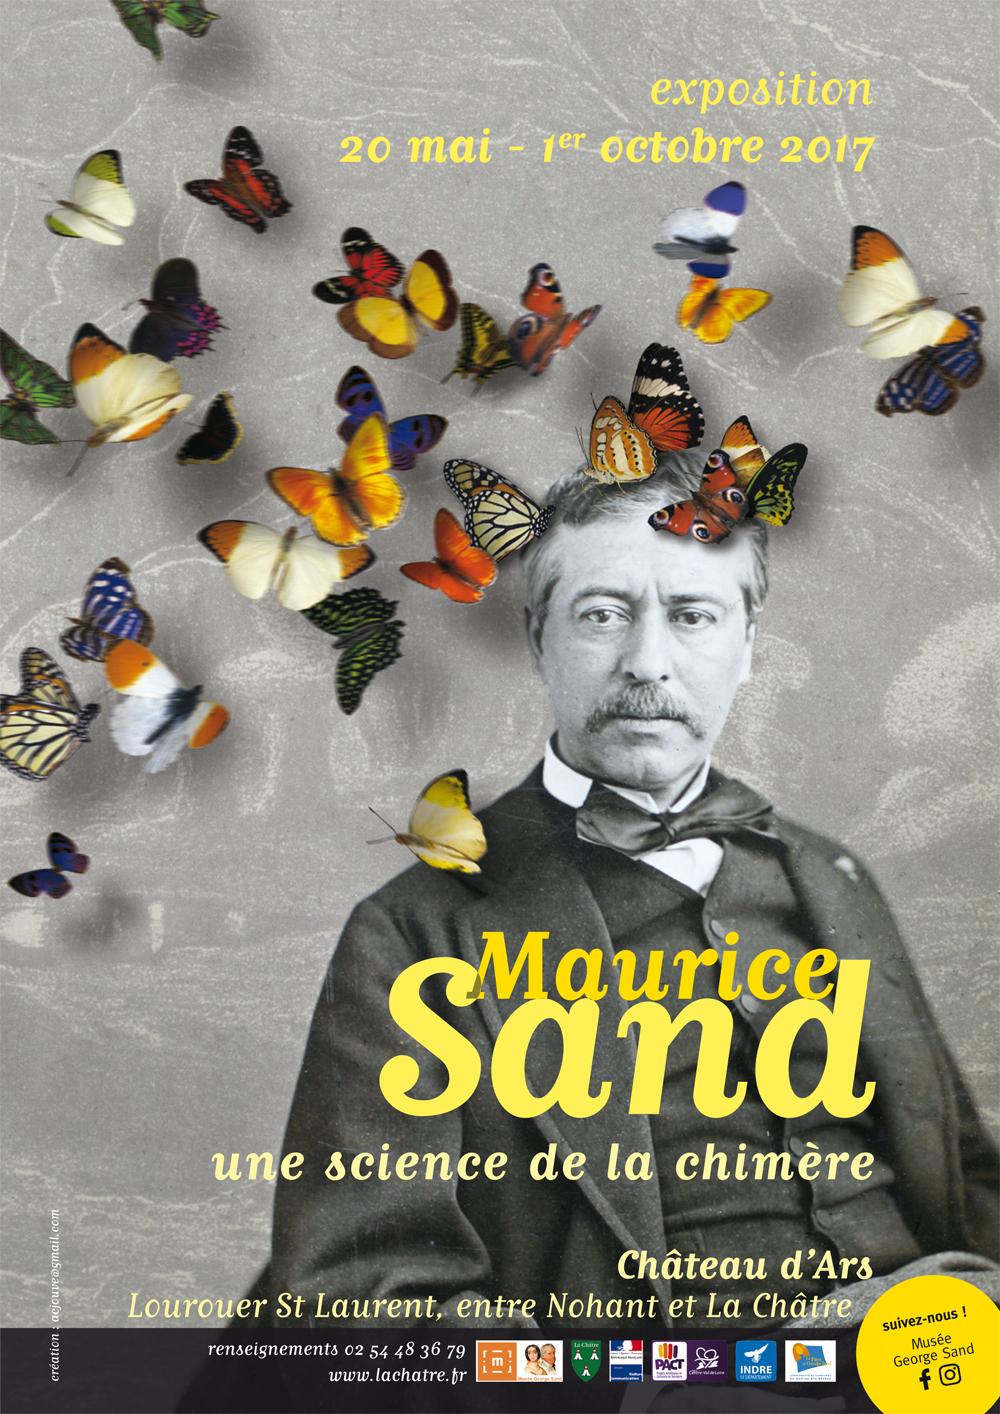 Affiche de l'exposition Maurice Sand au Château d'Ars